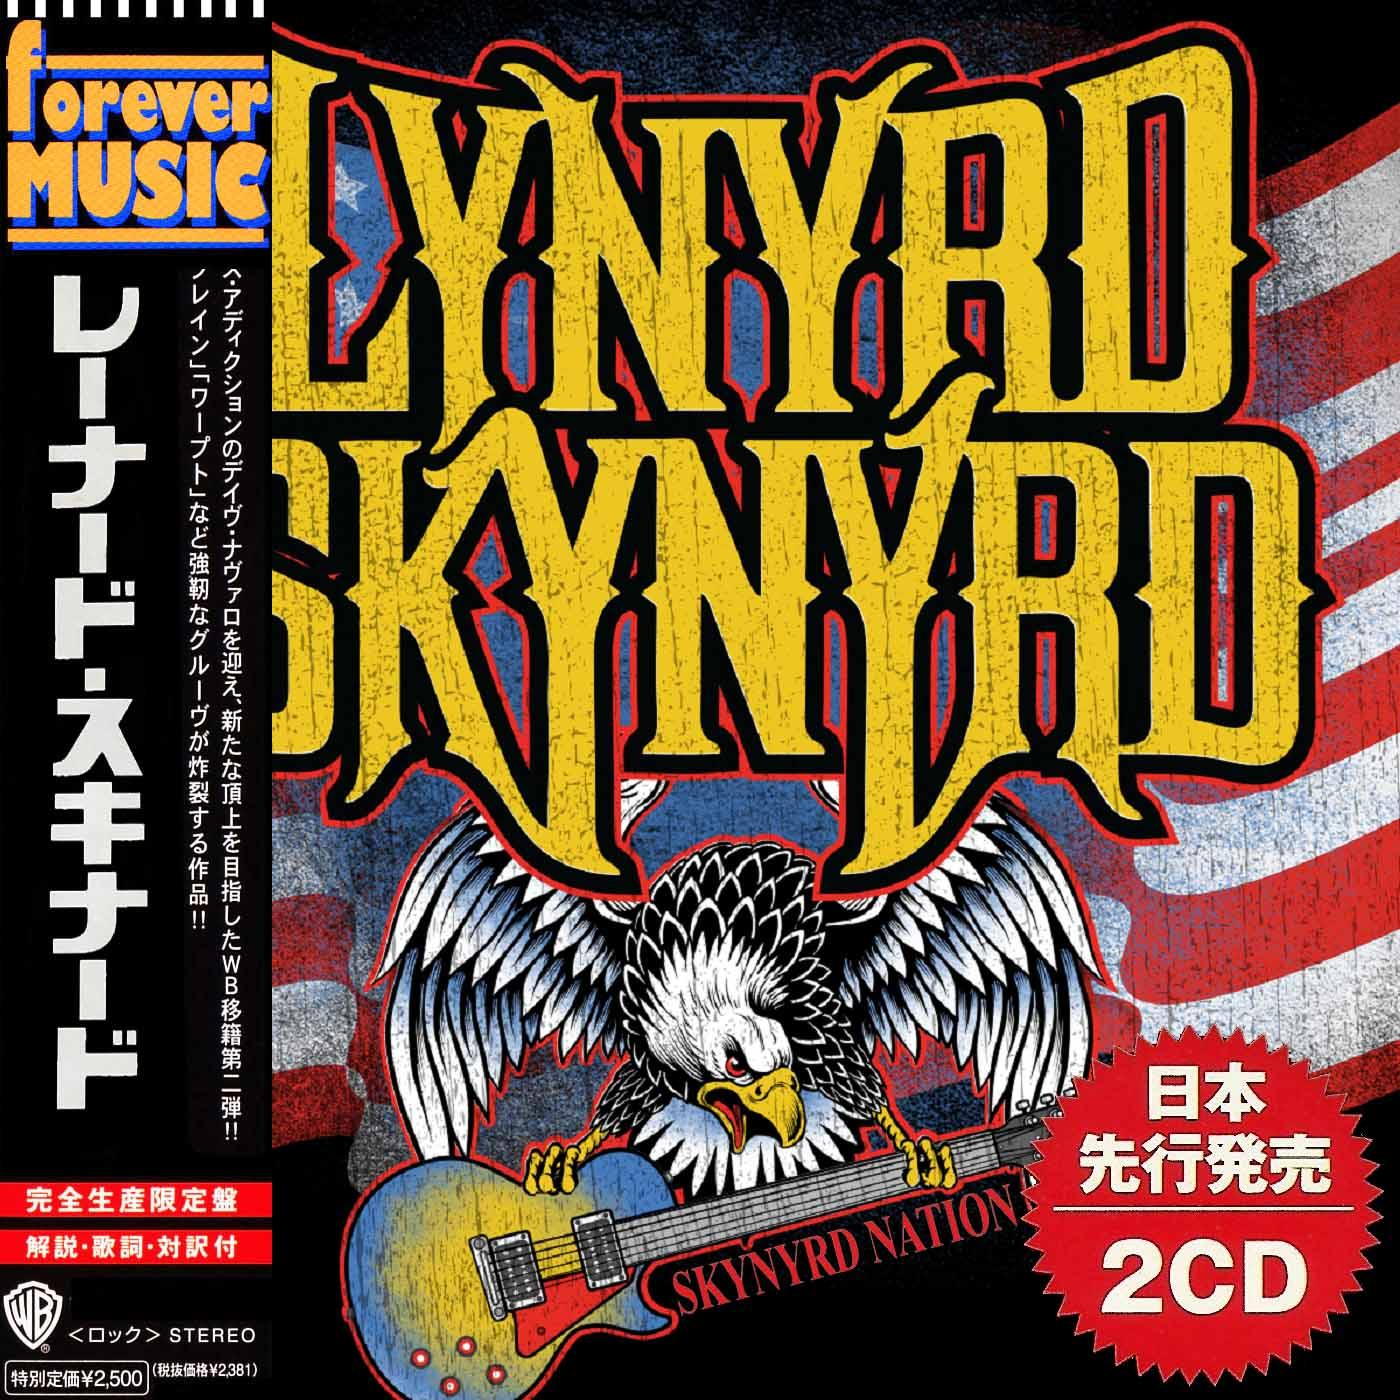 Lynyrd skynyrd discography torrent mp3